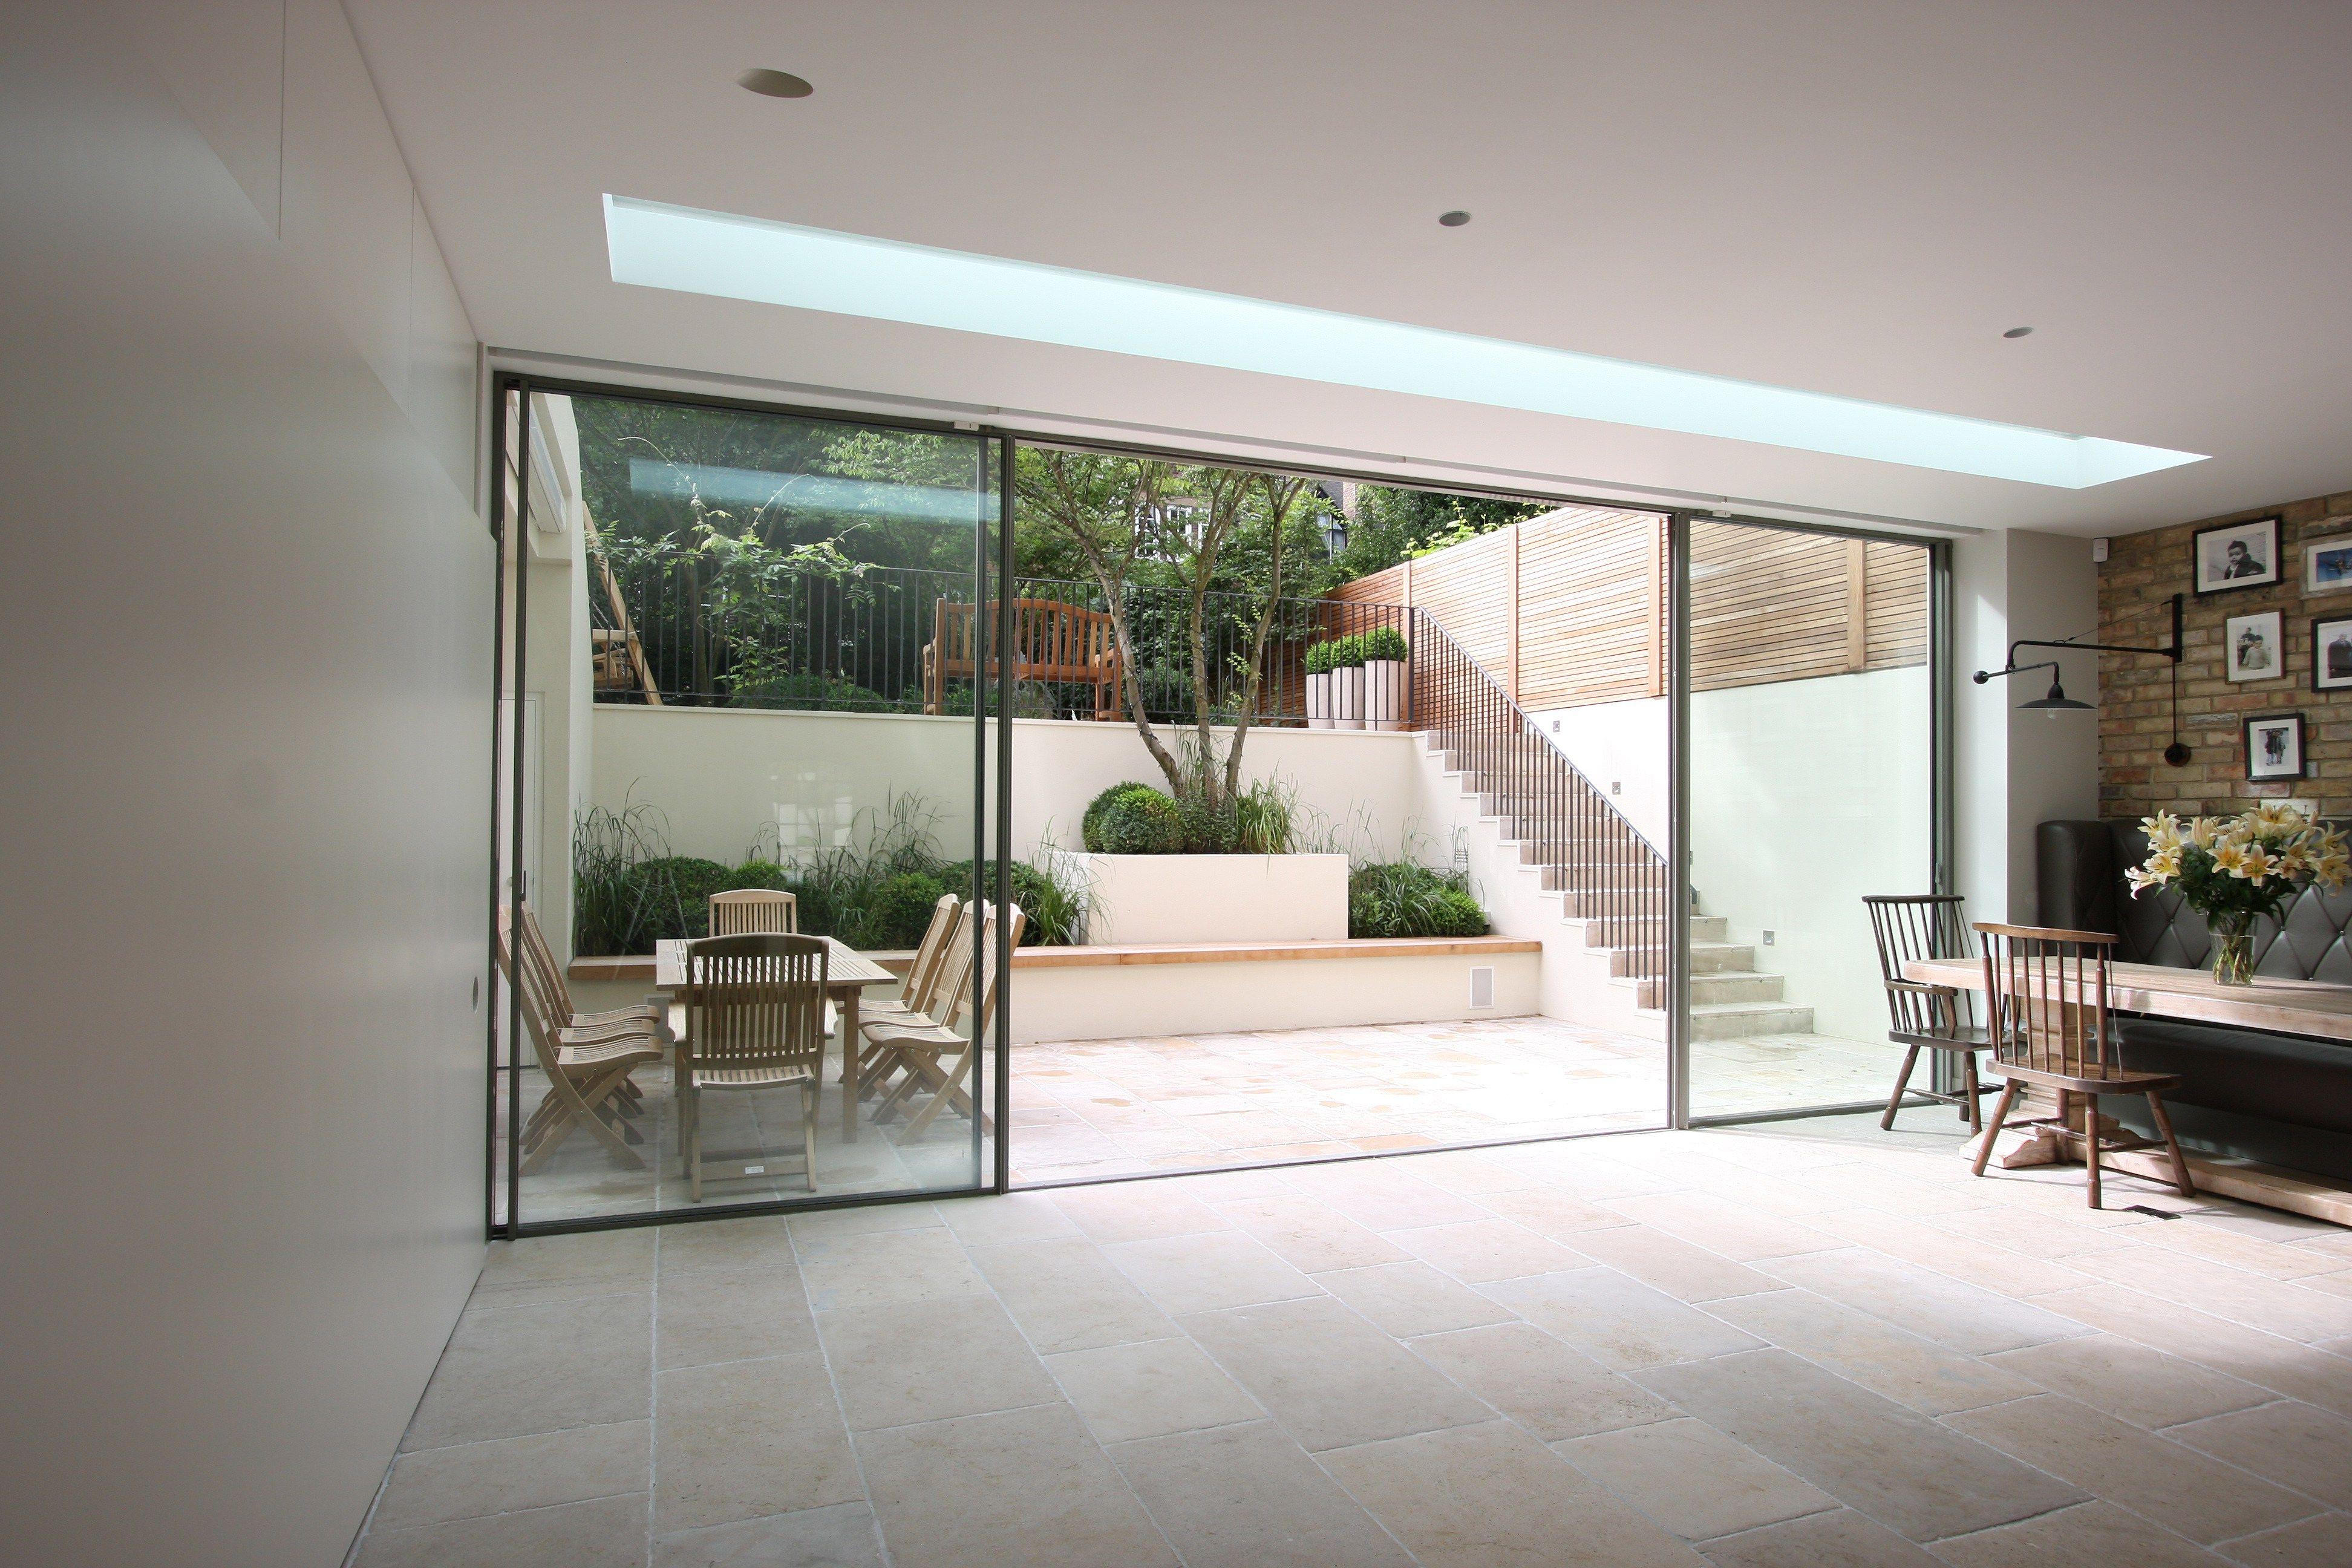 Minimal Windows As Modern Patio Doors In London Modern Patio Doors Glass Doors Patio Folding Patio Doors